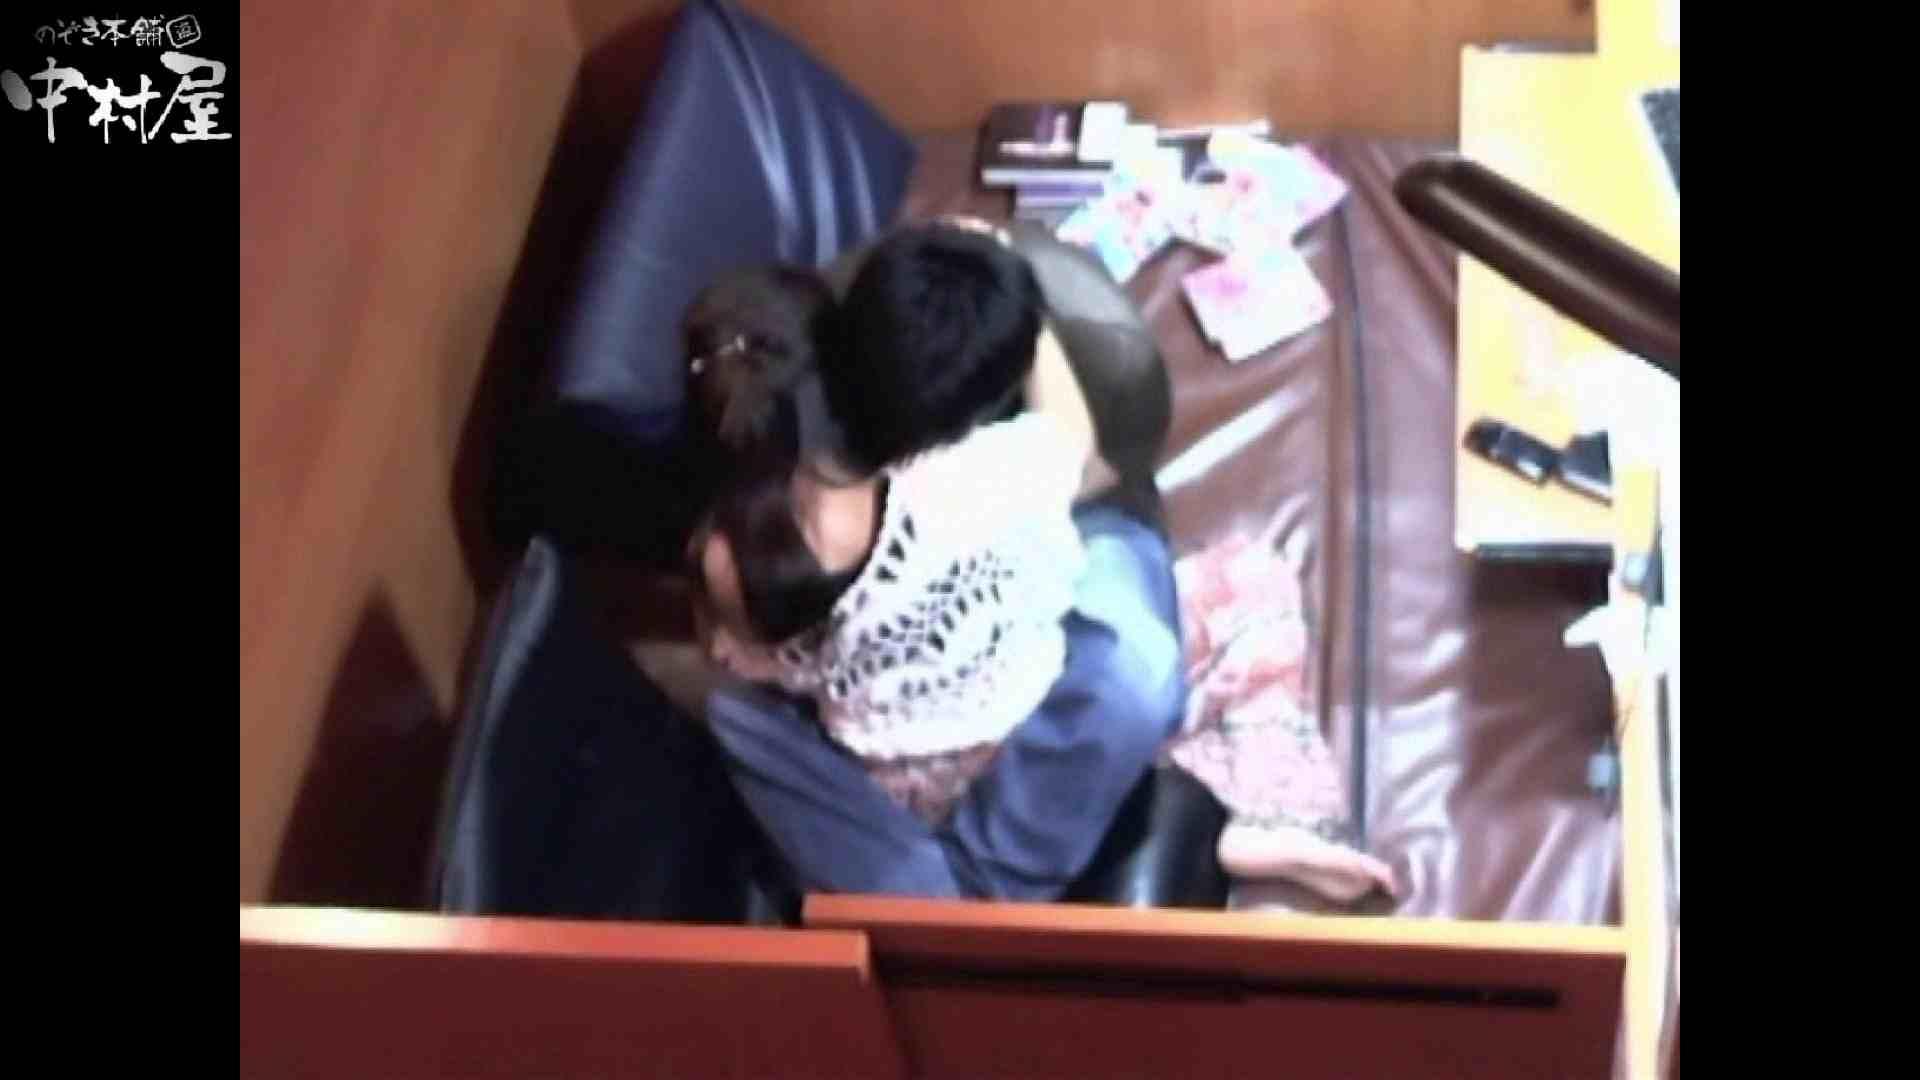 ネットカフェ盗撮師トロントさんの 素人カップル盗撮記vol.1 お姉さんの乳首 オマンコ動画キャプチャ 112PIX 33